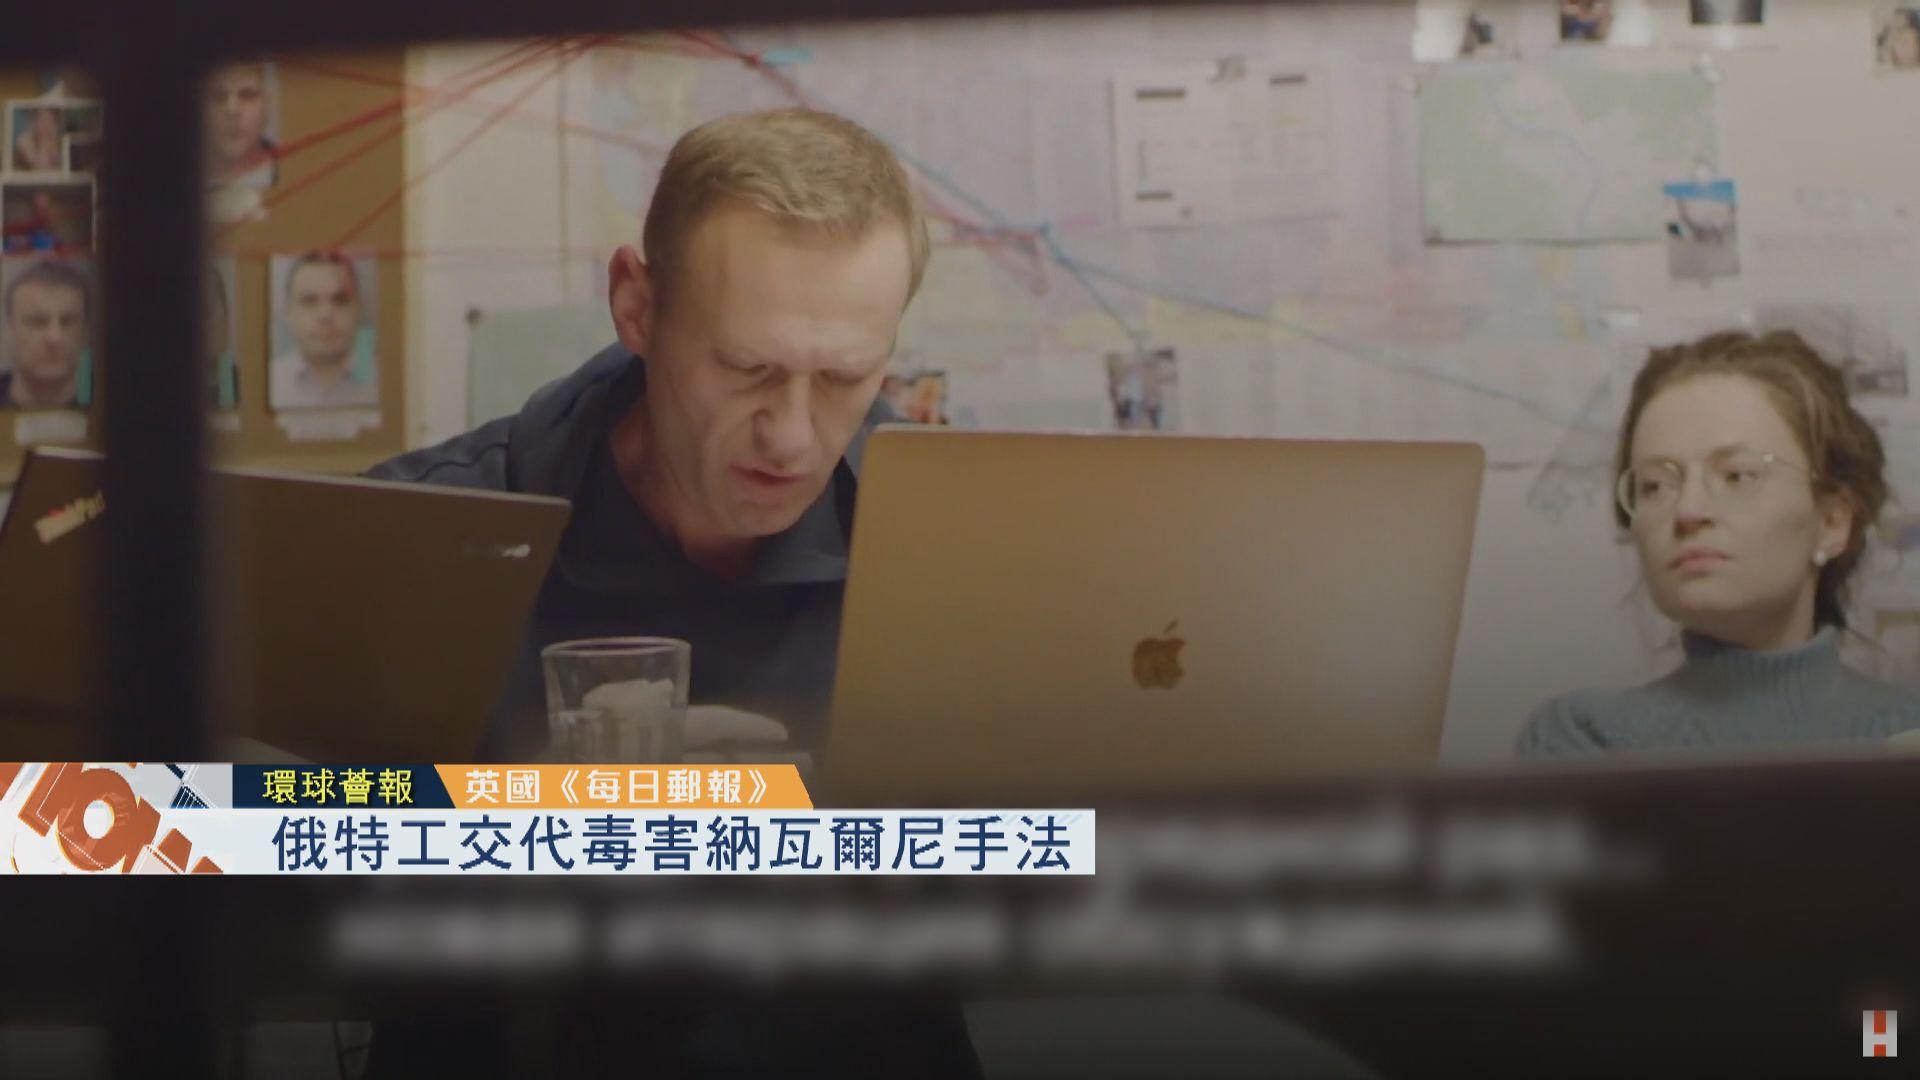 【環球薈報】納瓦爾尼欺騙俄羅斯特工交代下毒手法